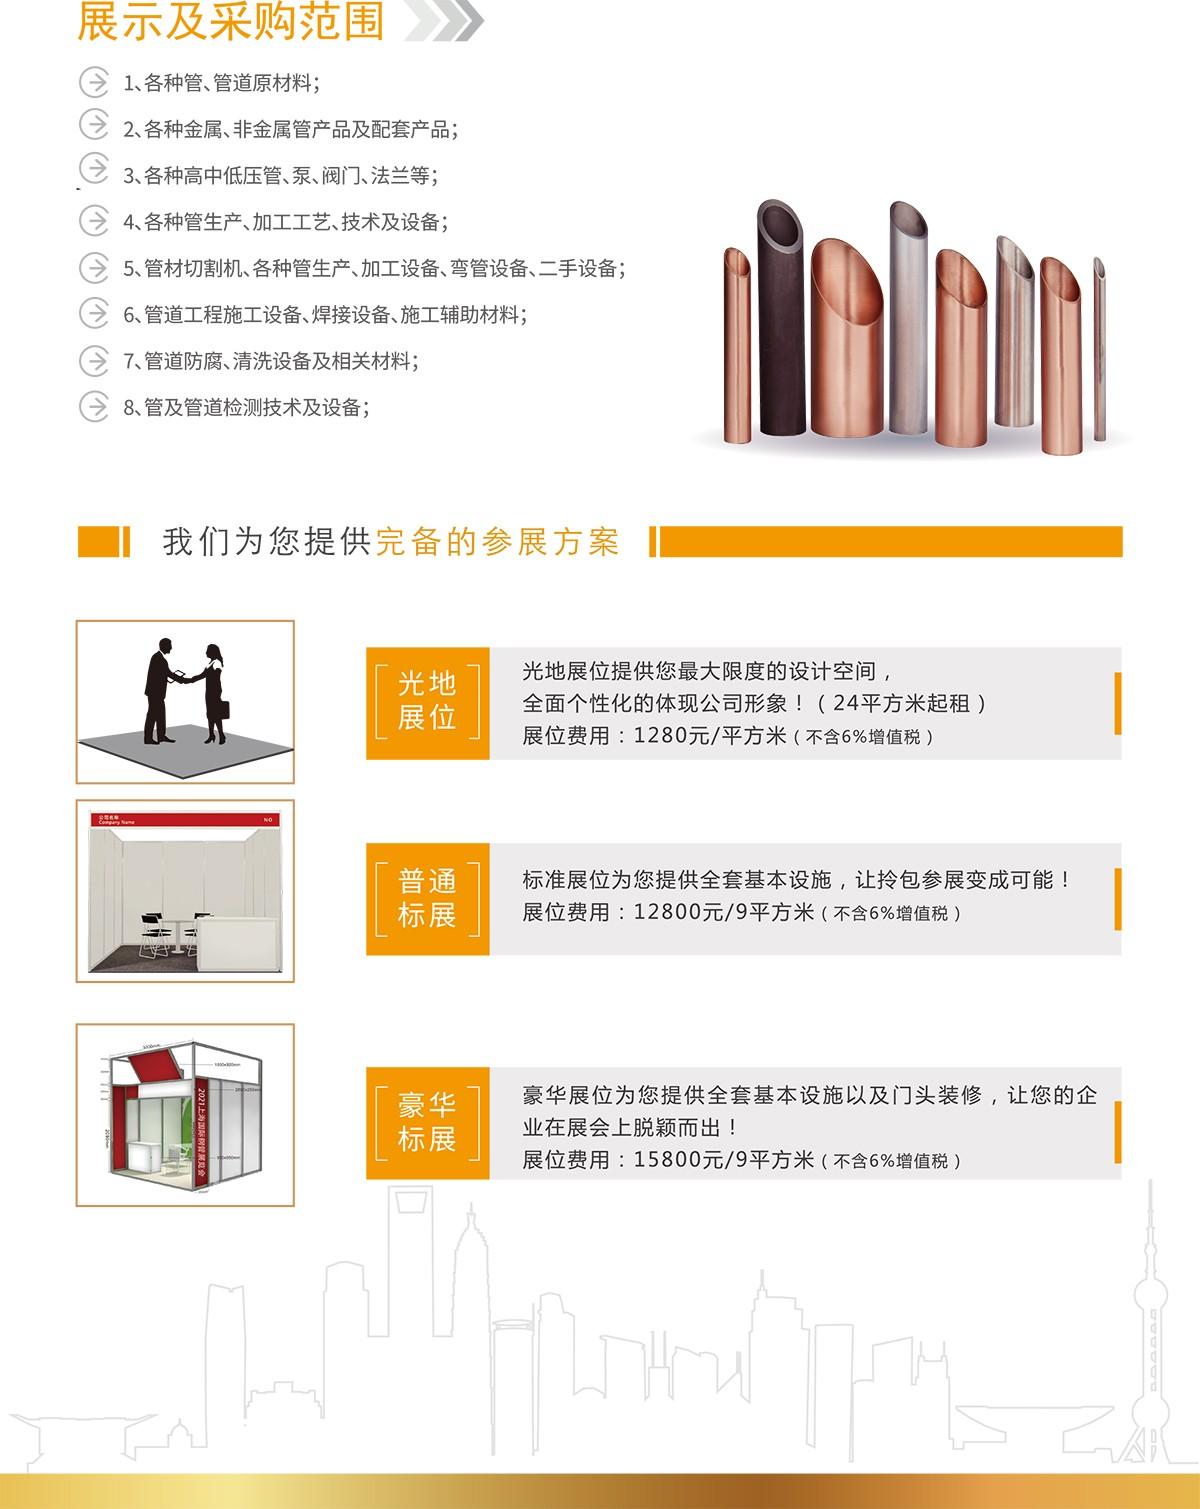 1_2021上海国际钢管工业展览会-7.jpg